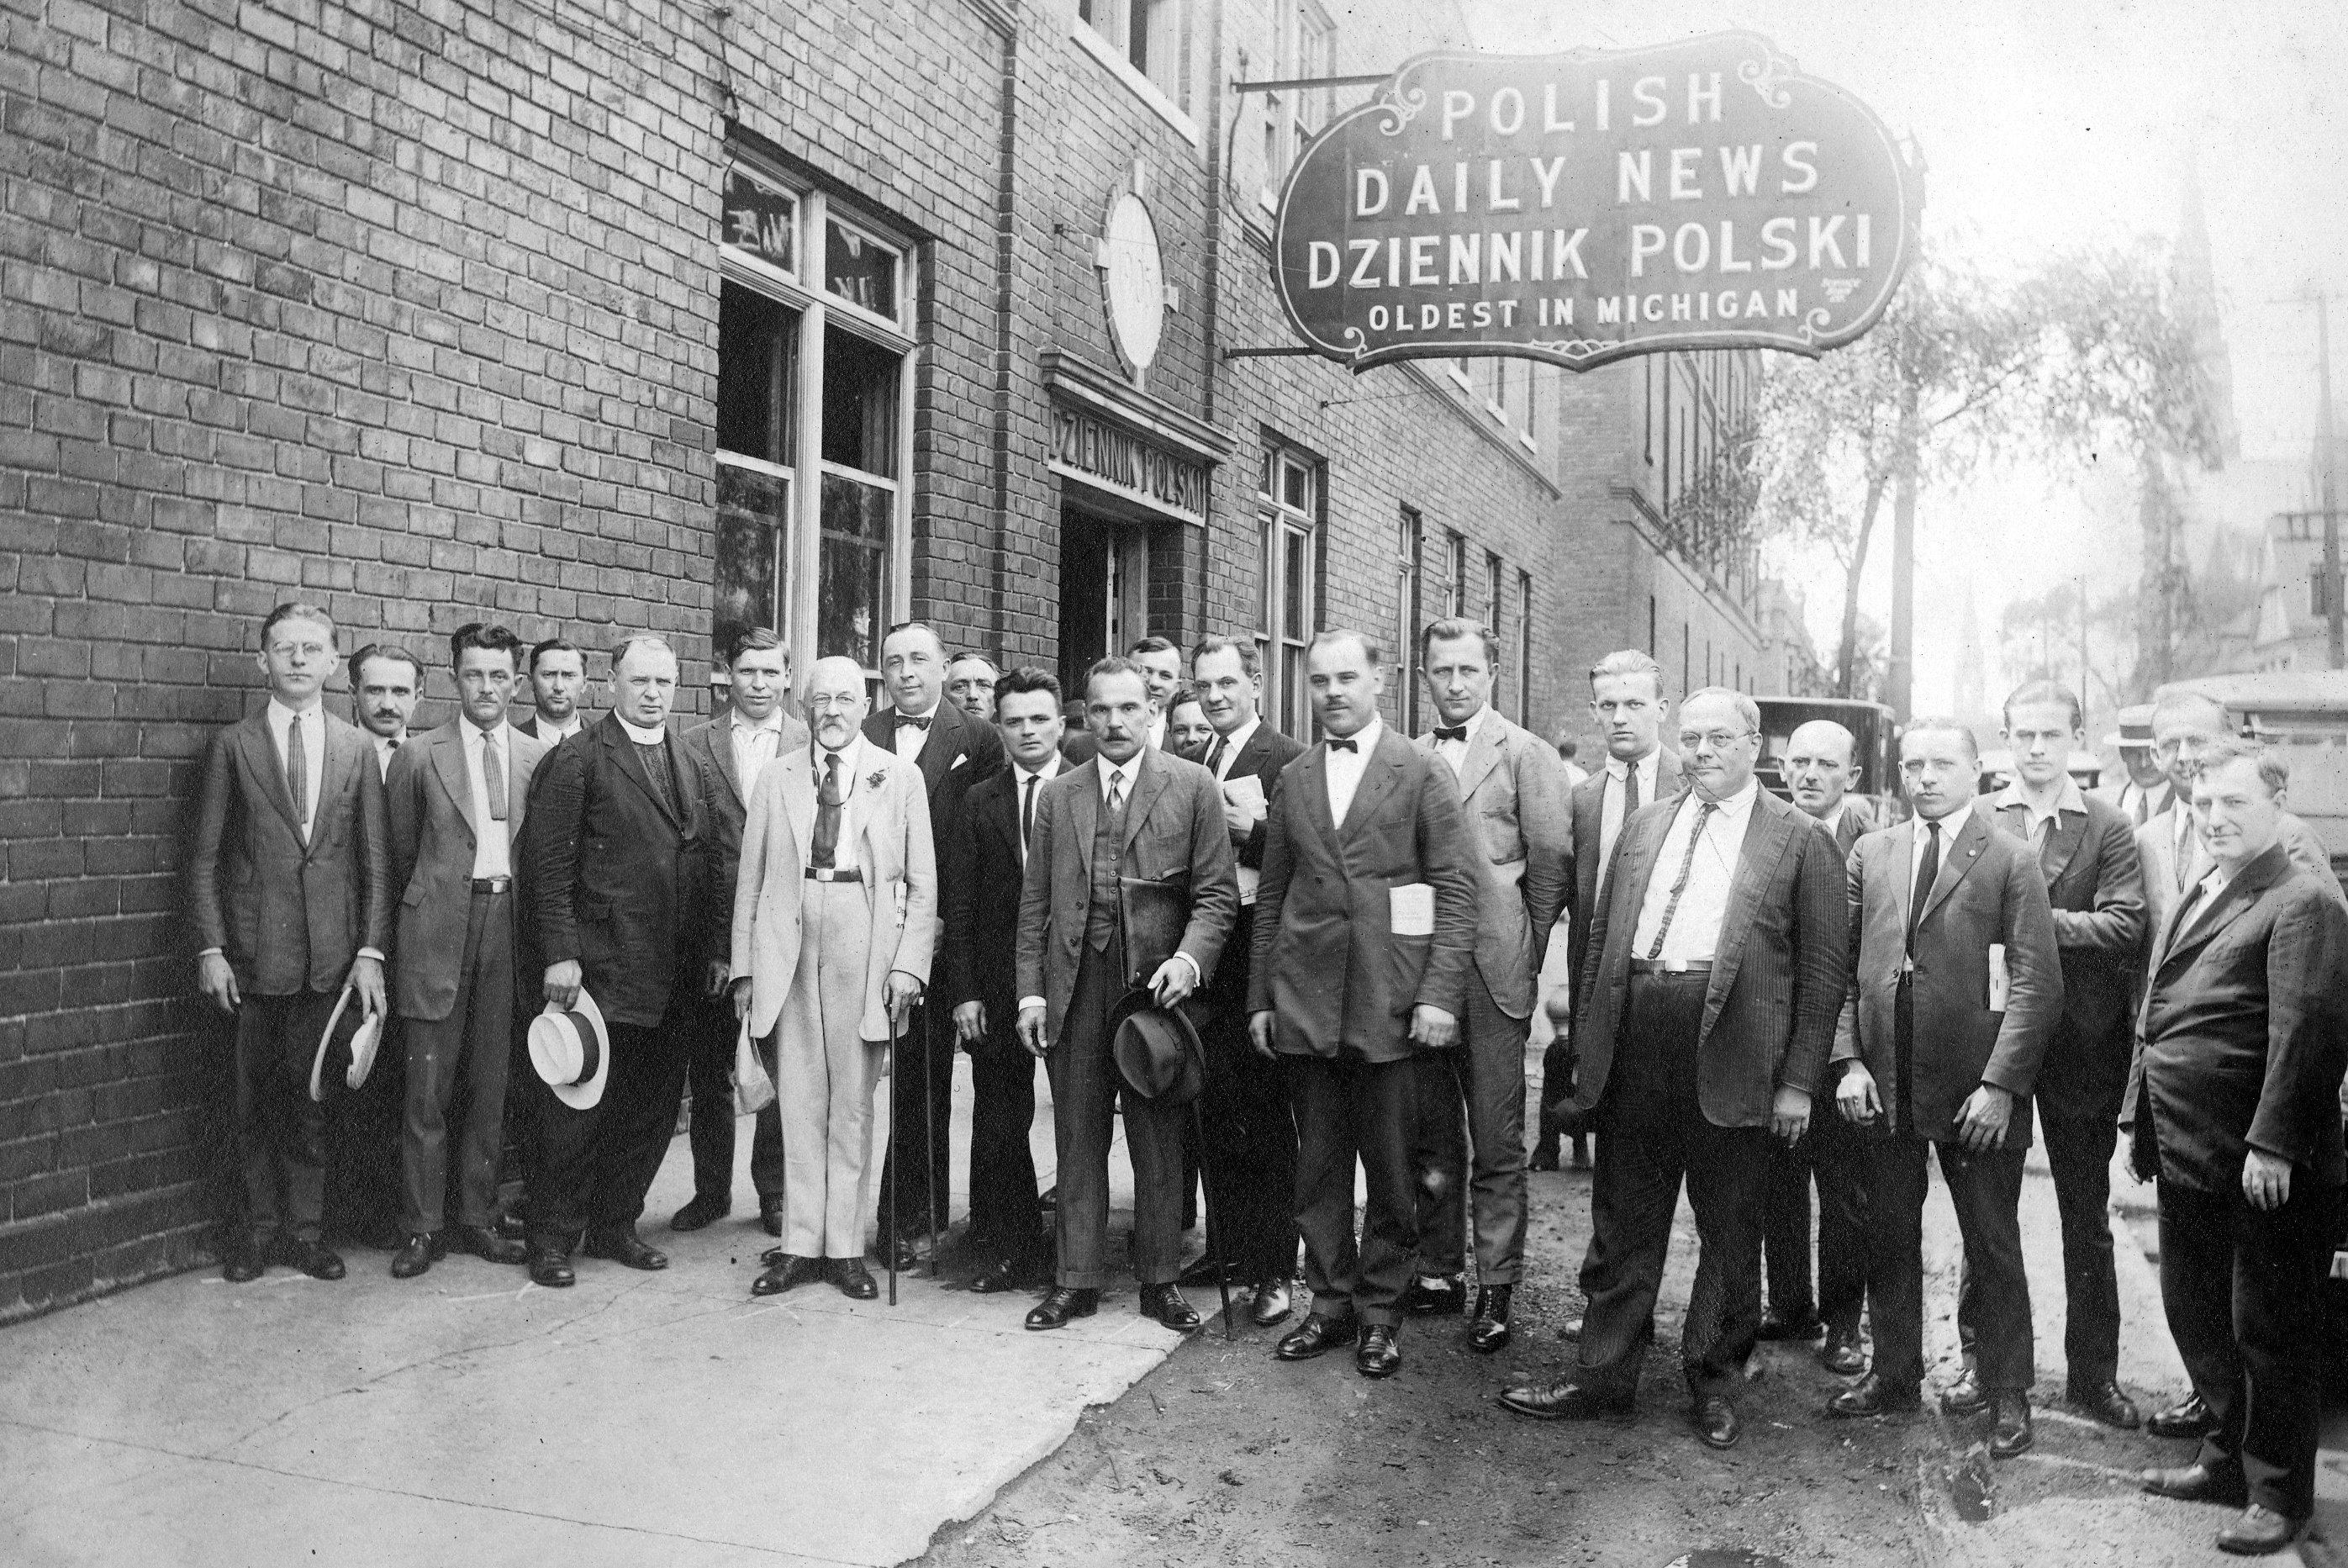 Dziennik Polski_Oldest in Michigan_photo